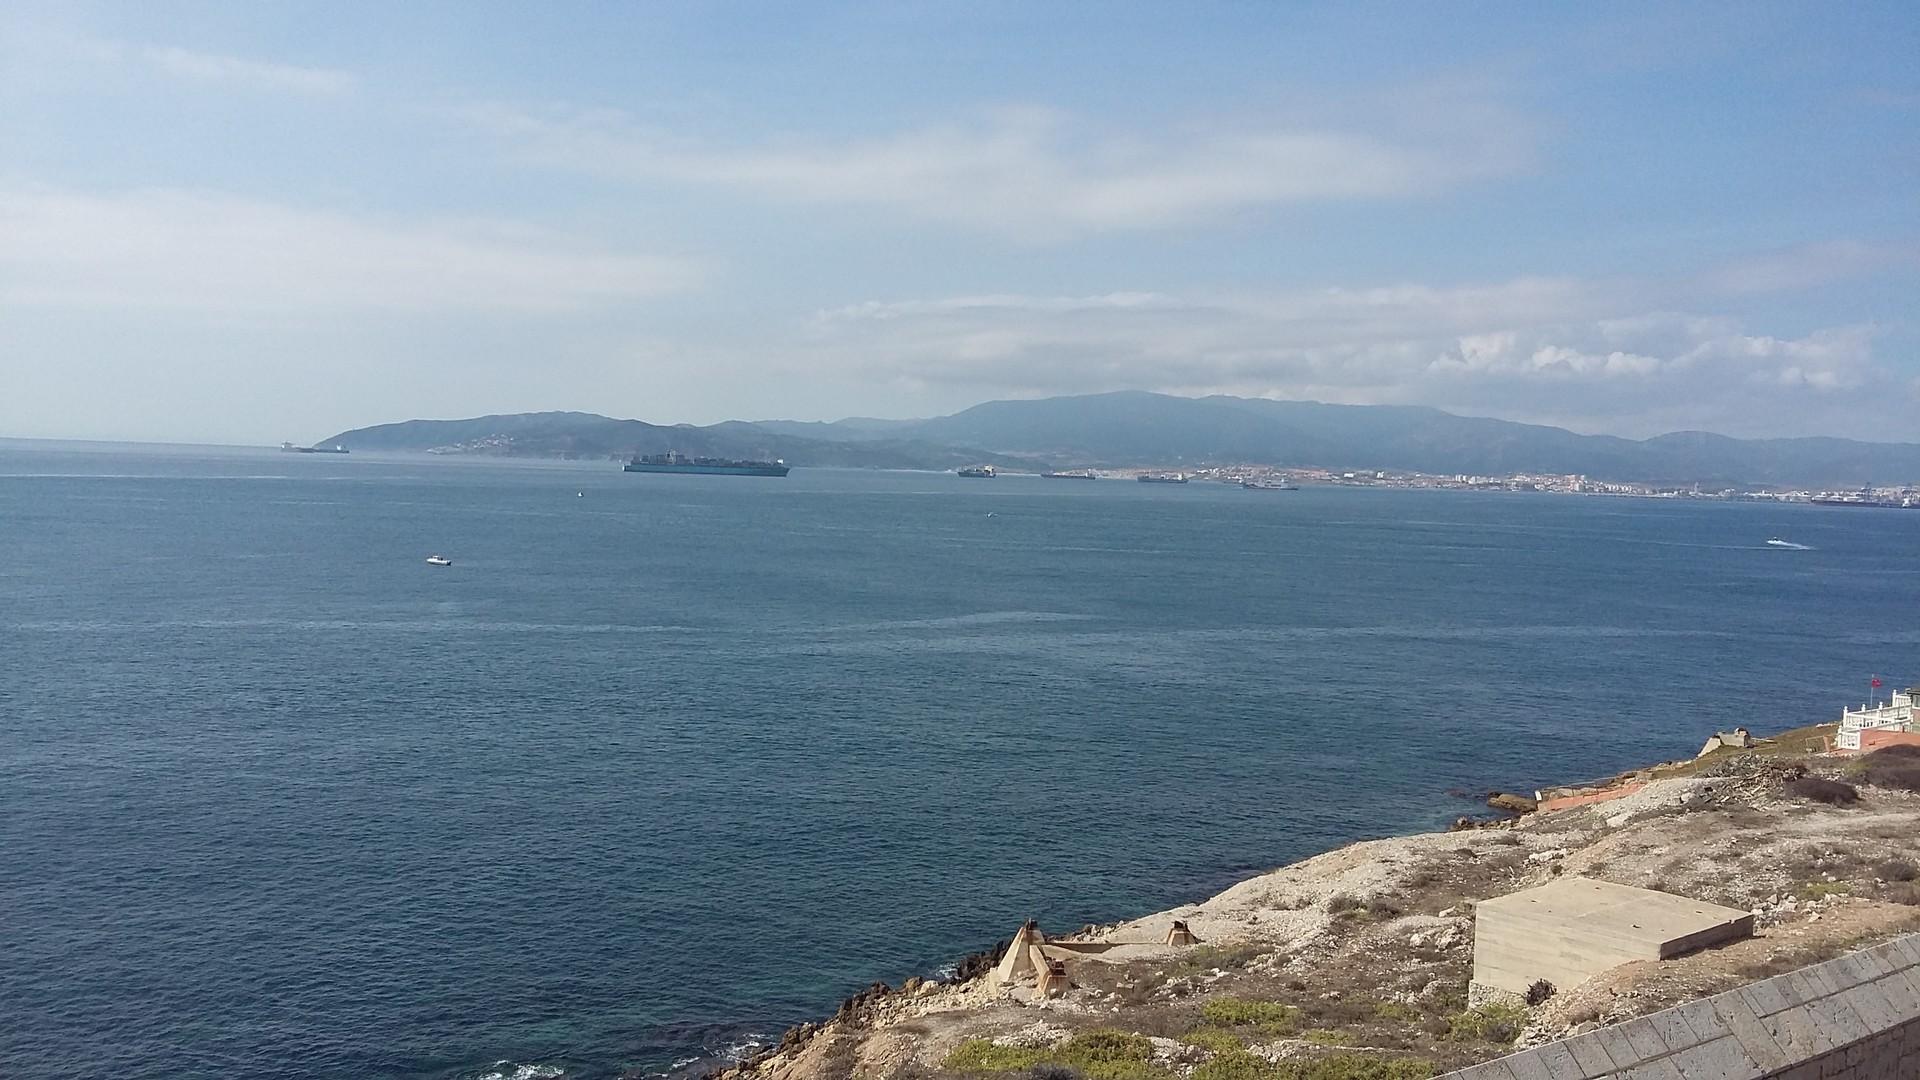 voyage-andalousie-54e4c0f77f4f36941150c6